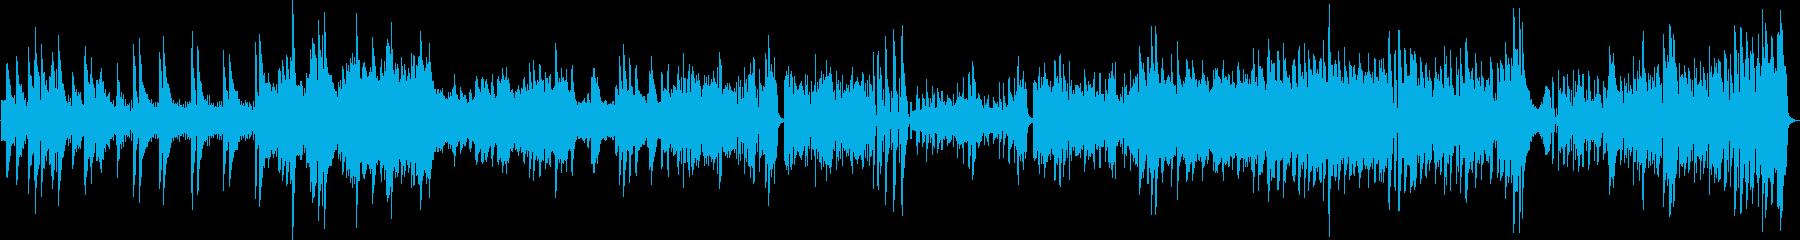 迫る危険(ソロピアノ・緊迫・不安)の再生済みの波形